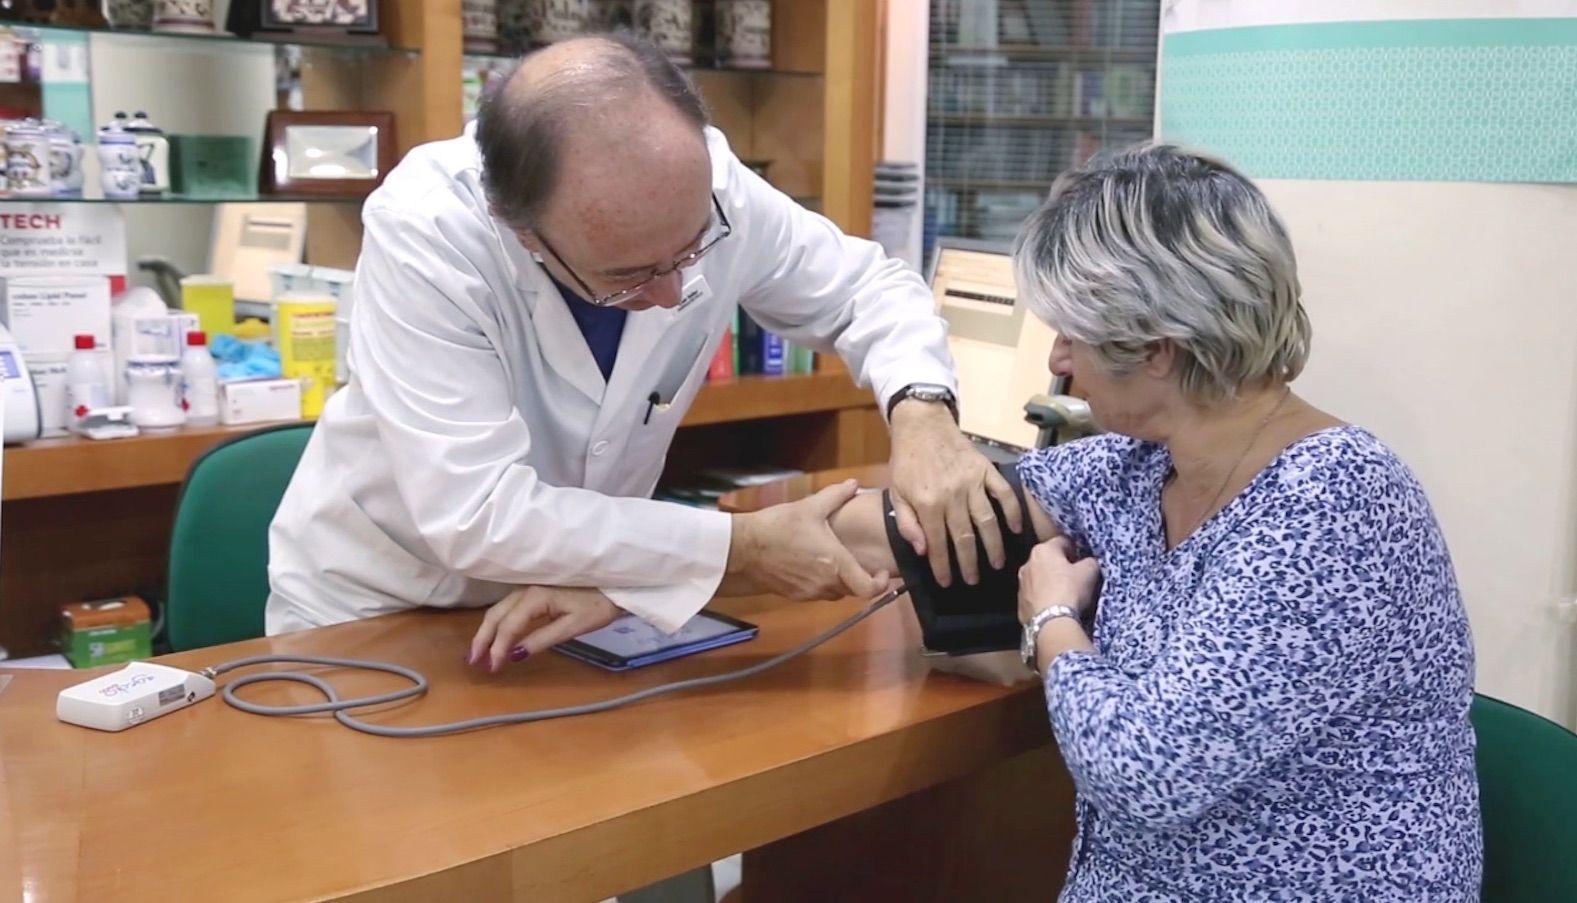 El proyecto COFARTEN de SEFAC y CEU UCH permitirá detectar mejor el riesgo de accidentes cardiovasculares, como infartos de miocardio o ictus cerebrales, que son la primera causa de muerte en España.